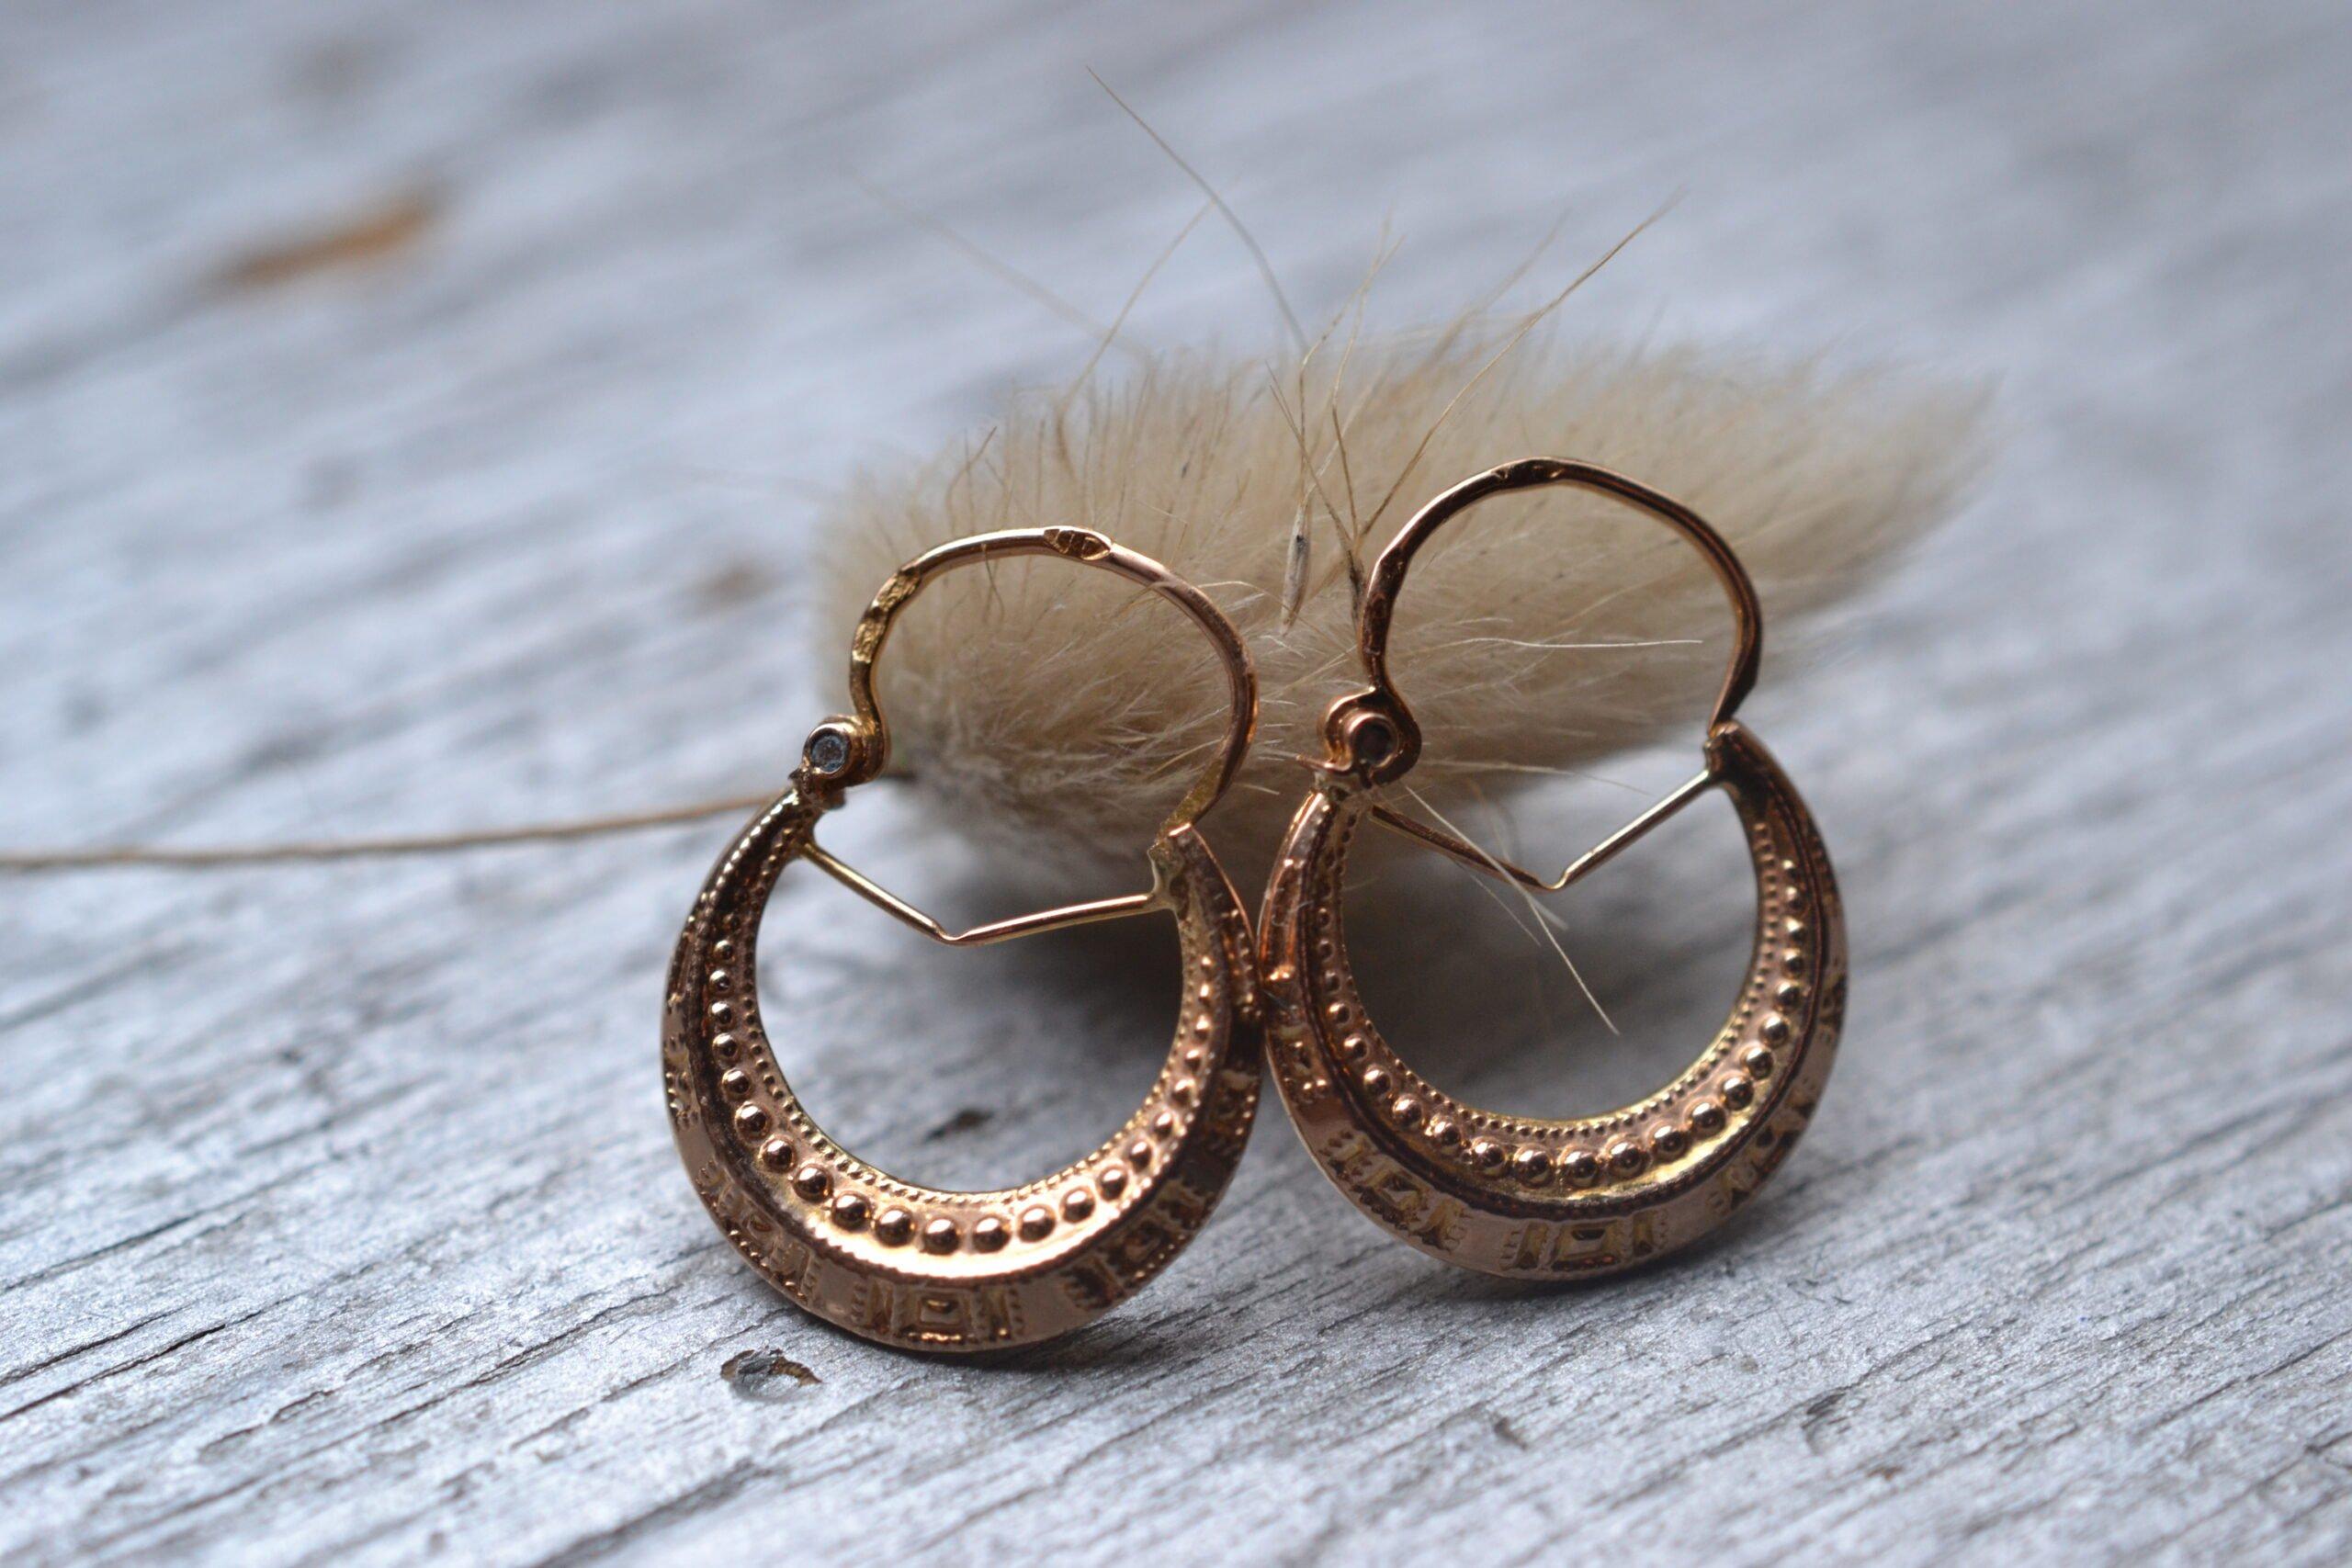 Créoles Anciennes En Or 18 Carats (750/1000), Style Vintage Et Décor De Perles Repoussées- Un Bijou Noircarat.fr